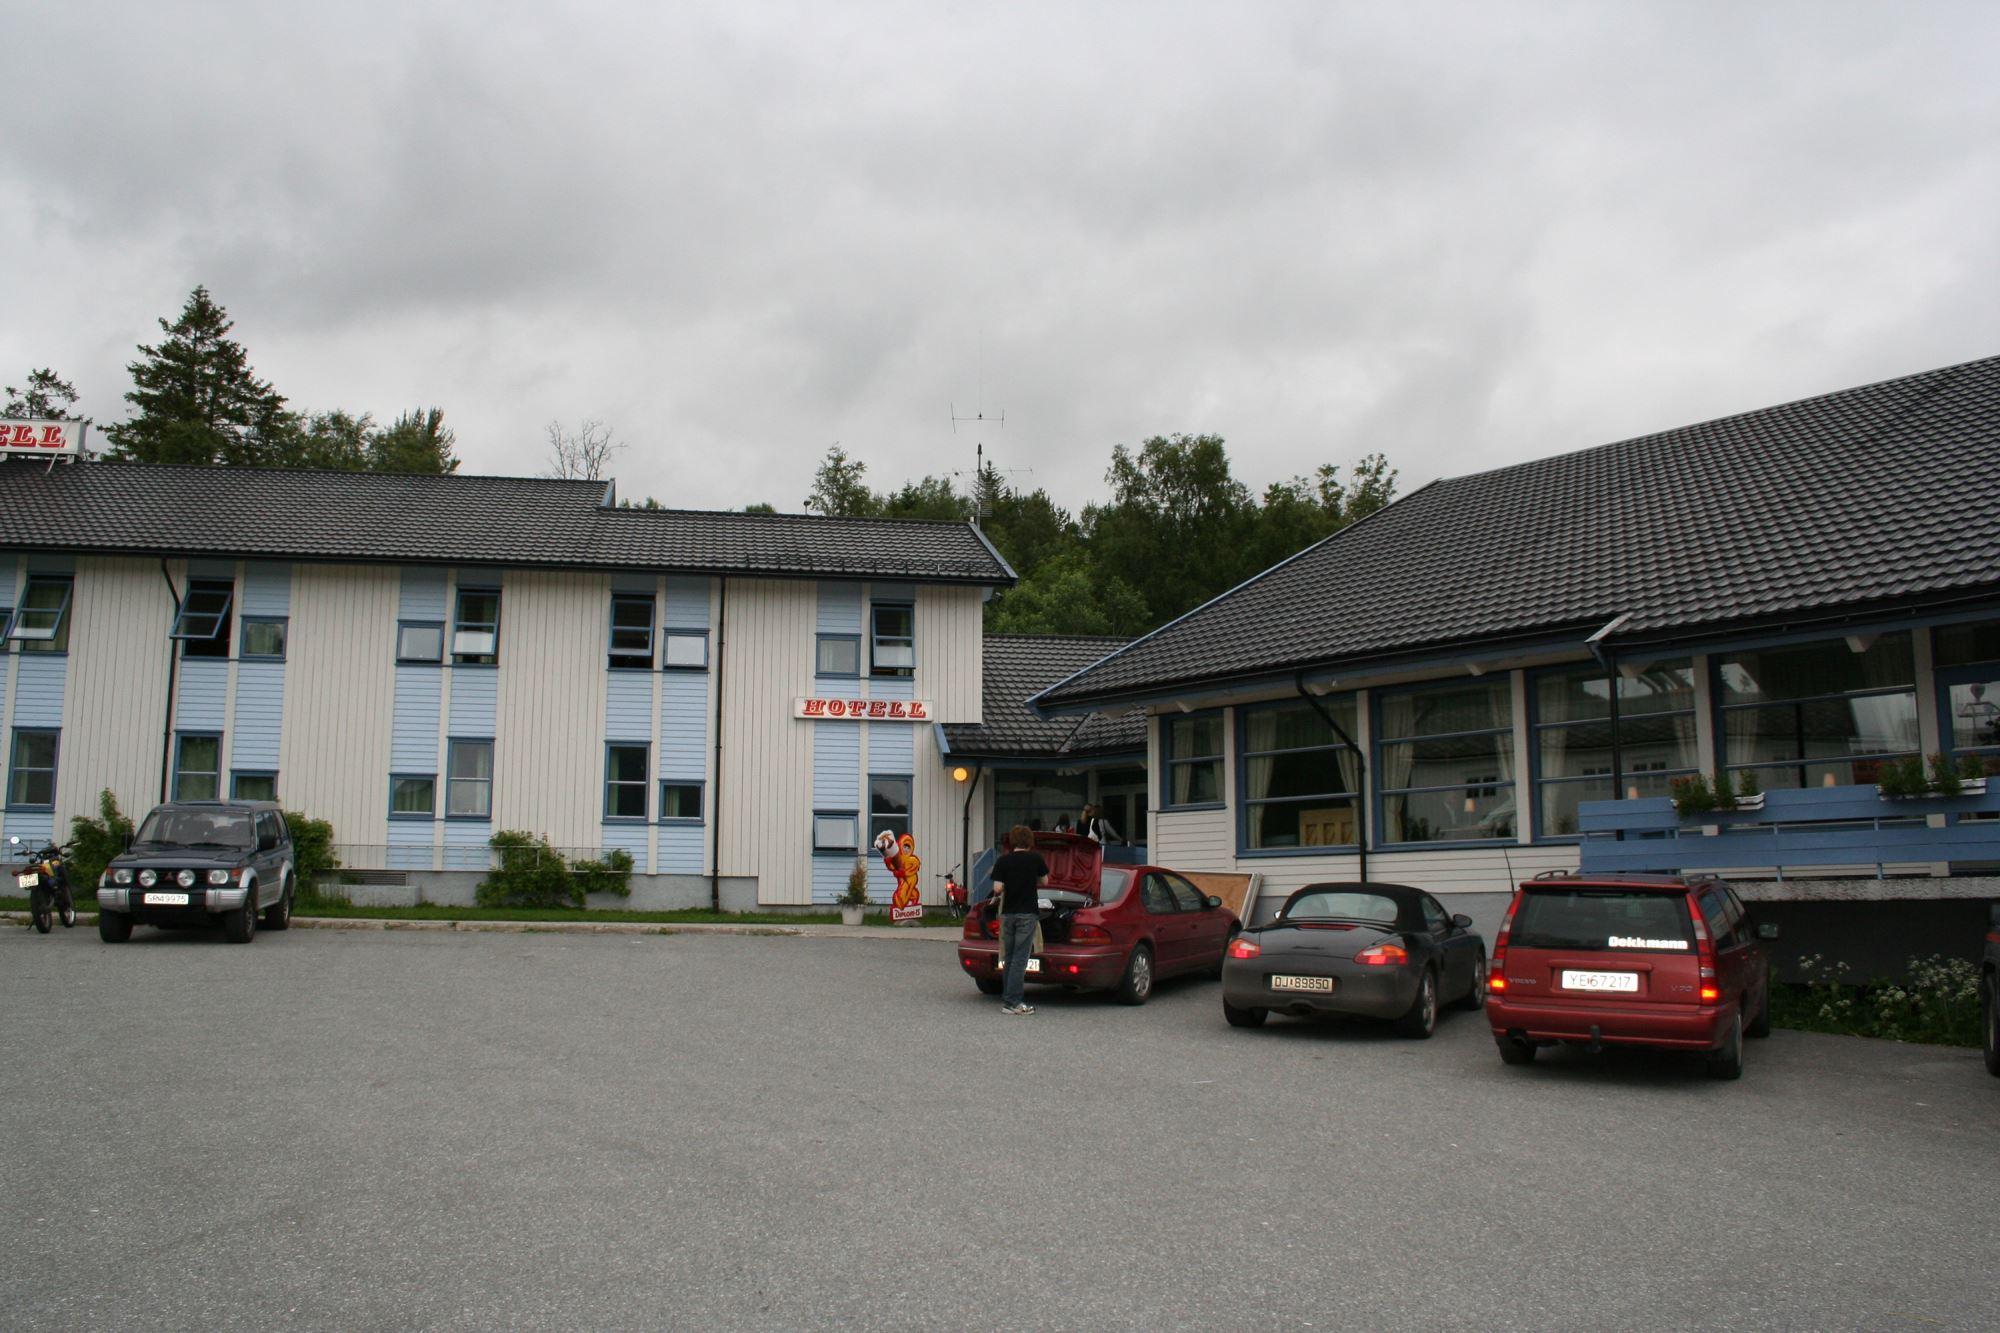 Ørnes Hotell